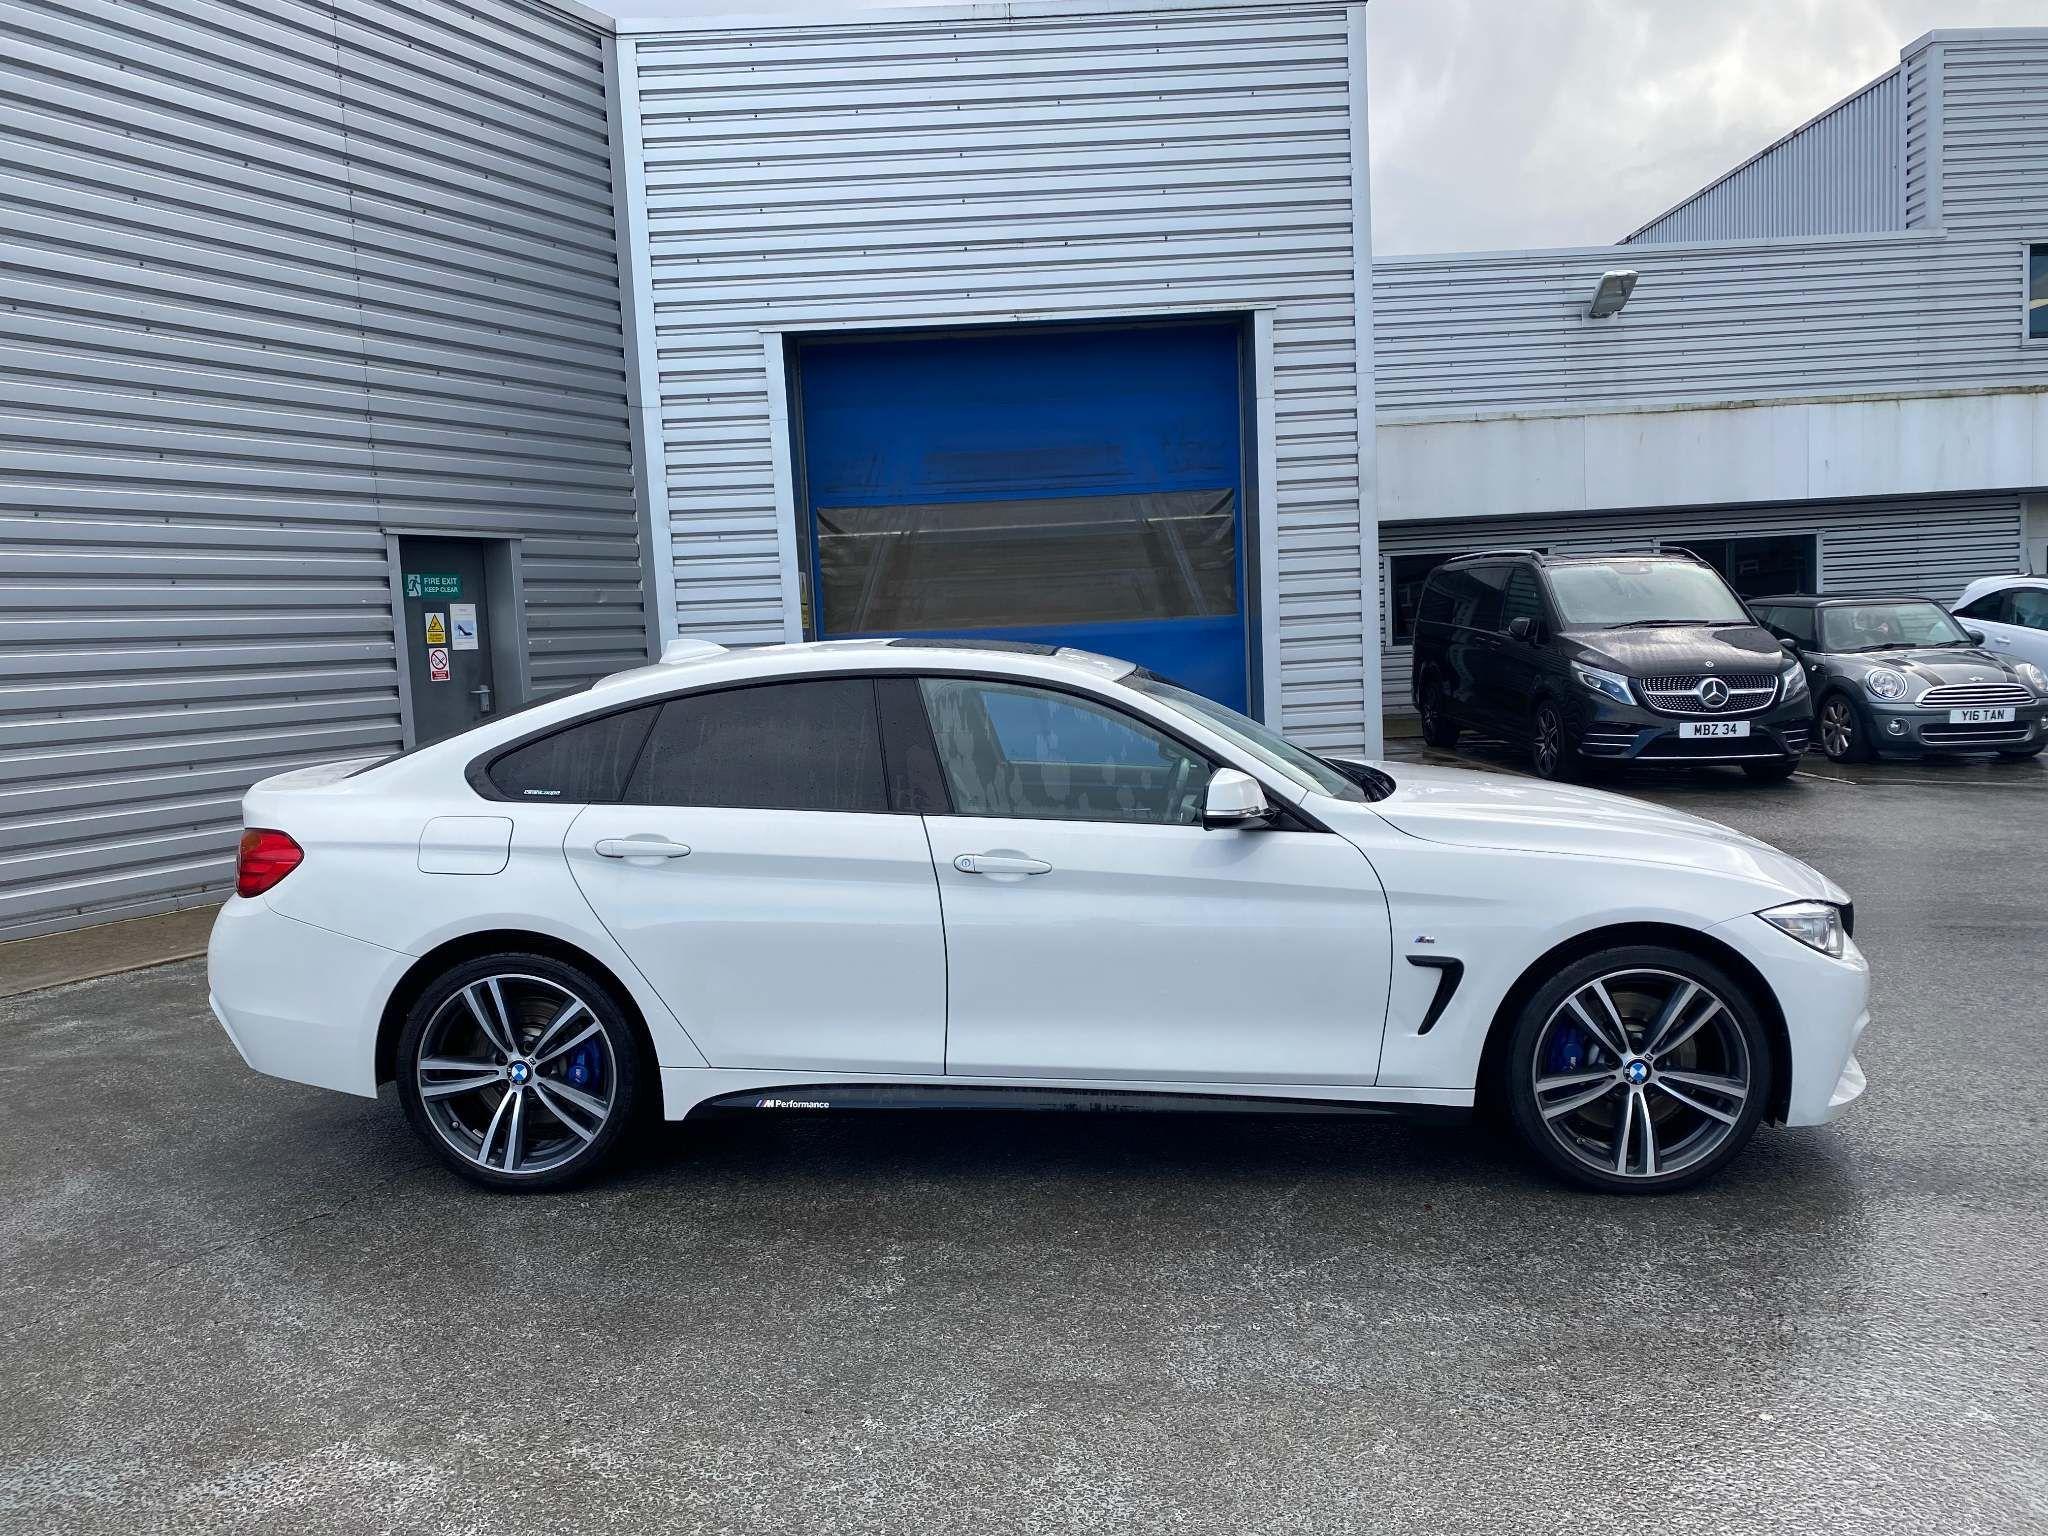 Image 3 - BMW 435d xDrive M Sport Gran Coupe (YK66LFF)